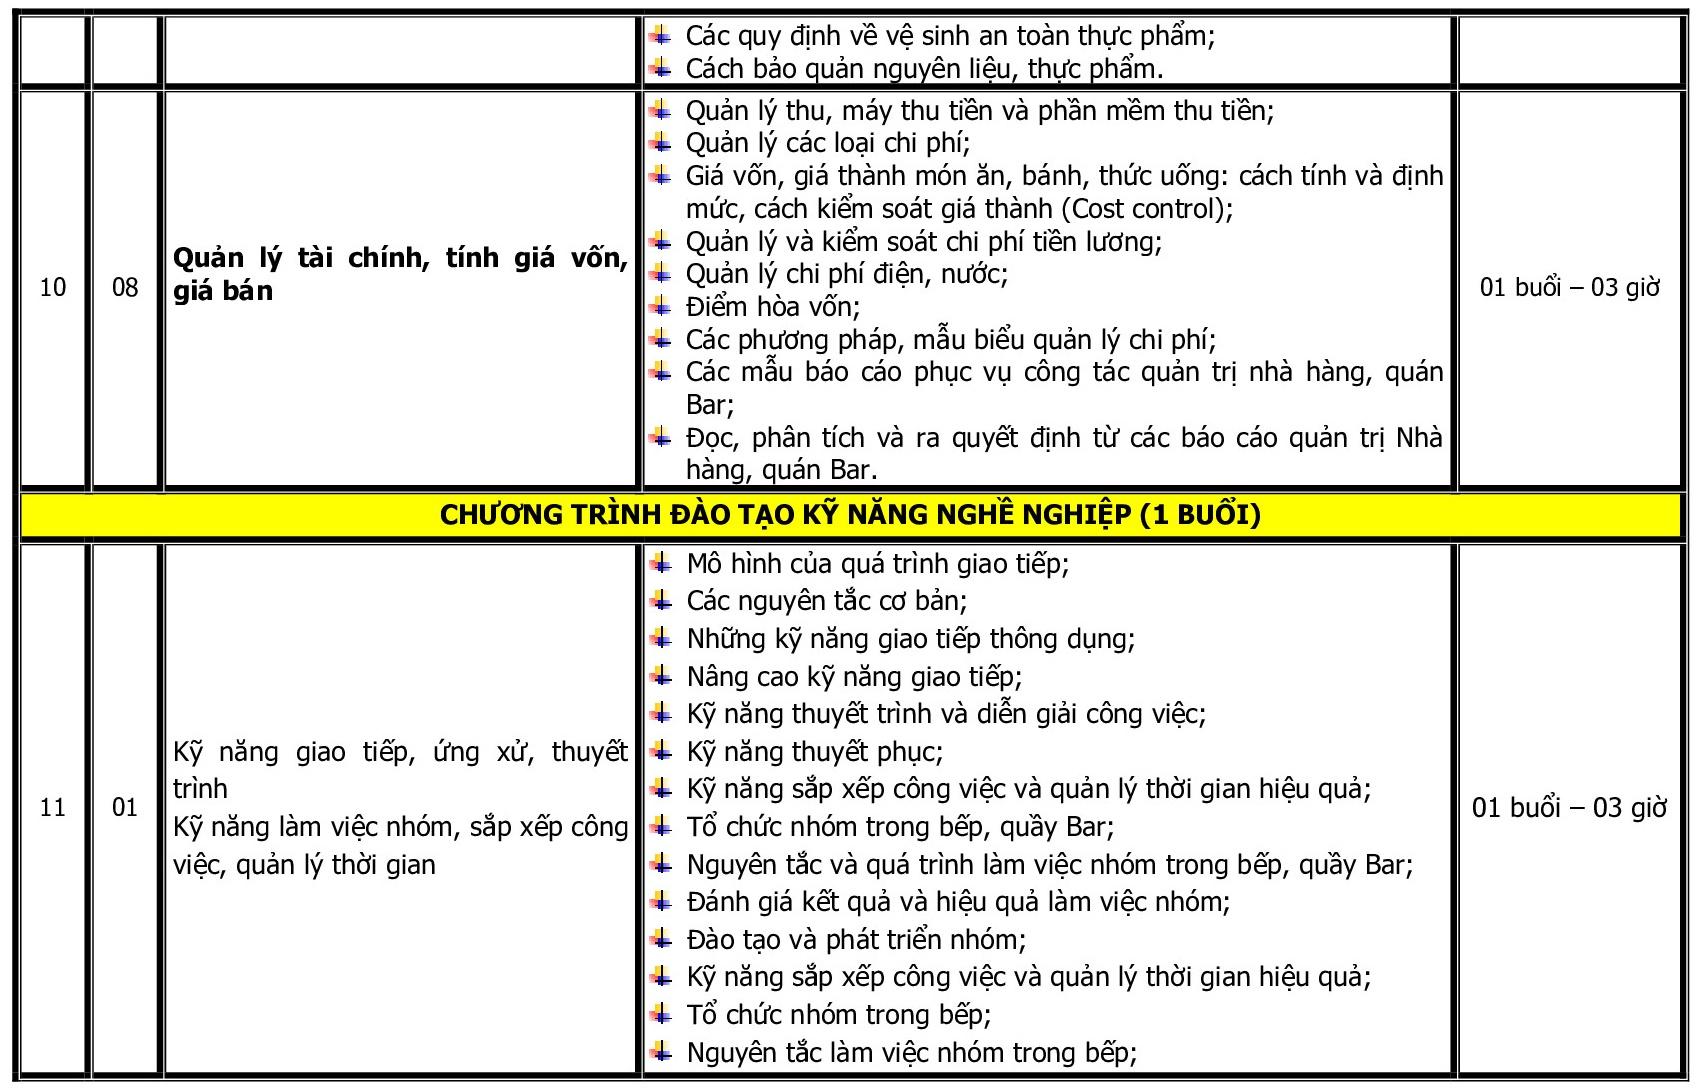 CT DAO TAO NGHIE VU BEP TRUONG BEP BANH_p005